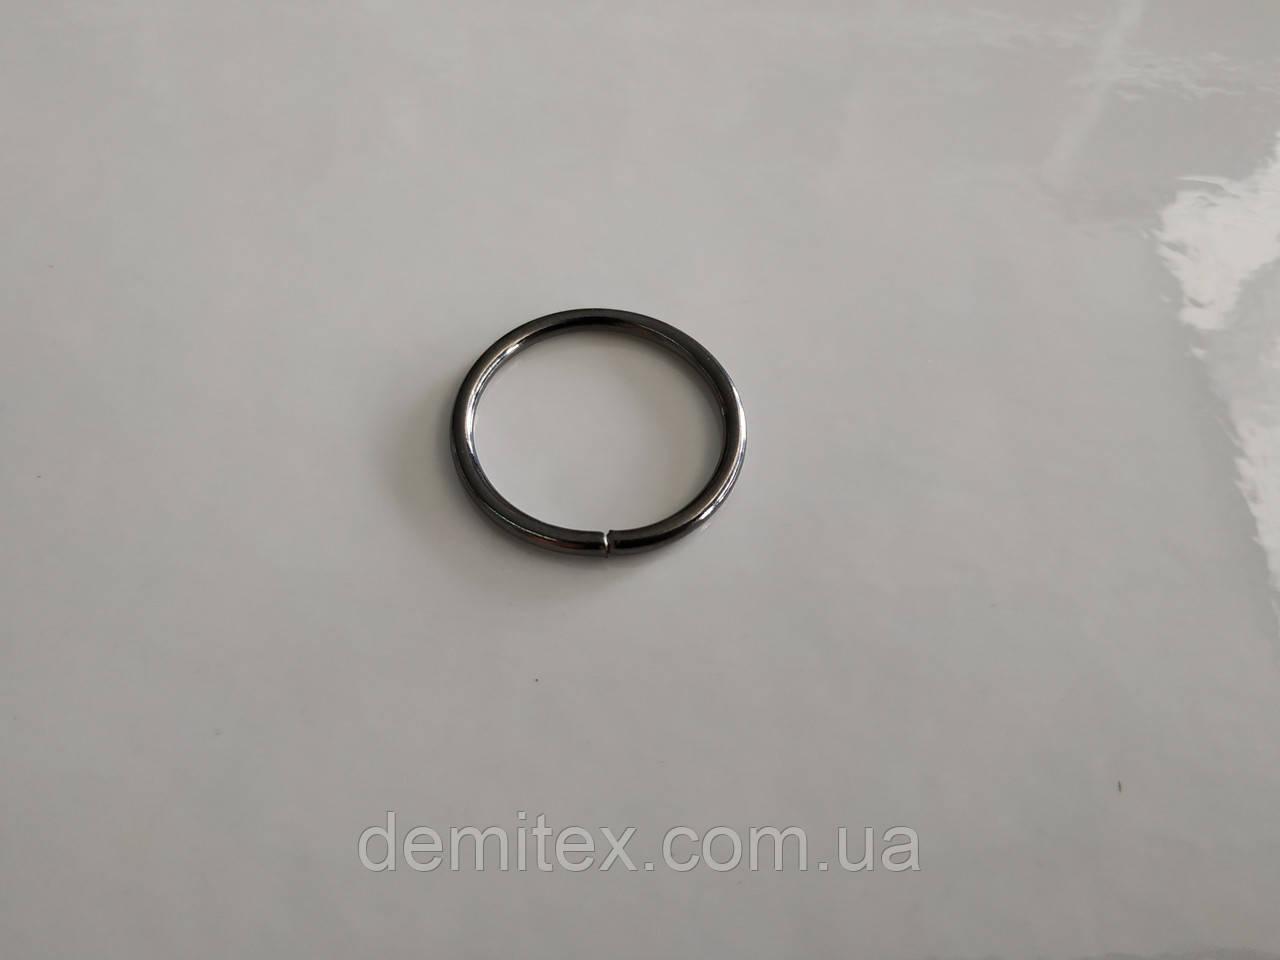 Кольцо черный никель 20х2мм